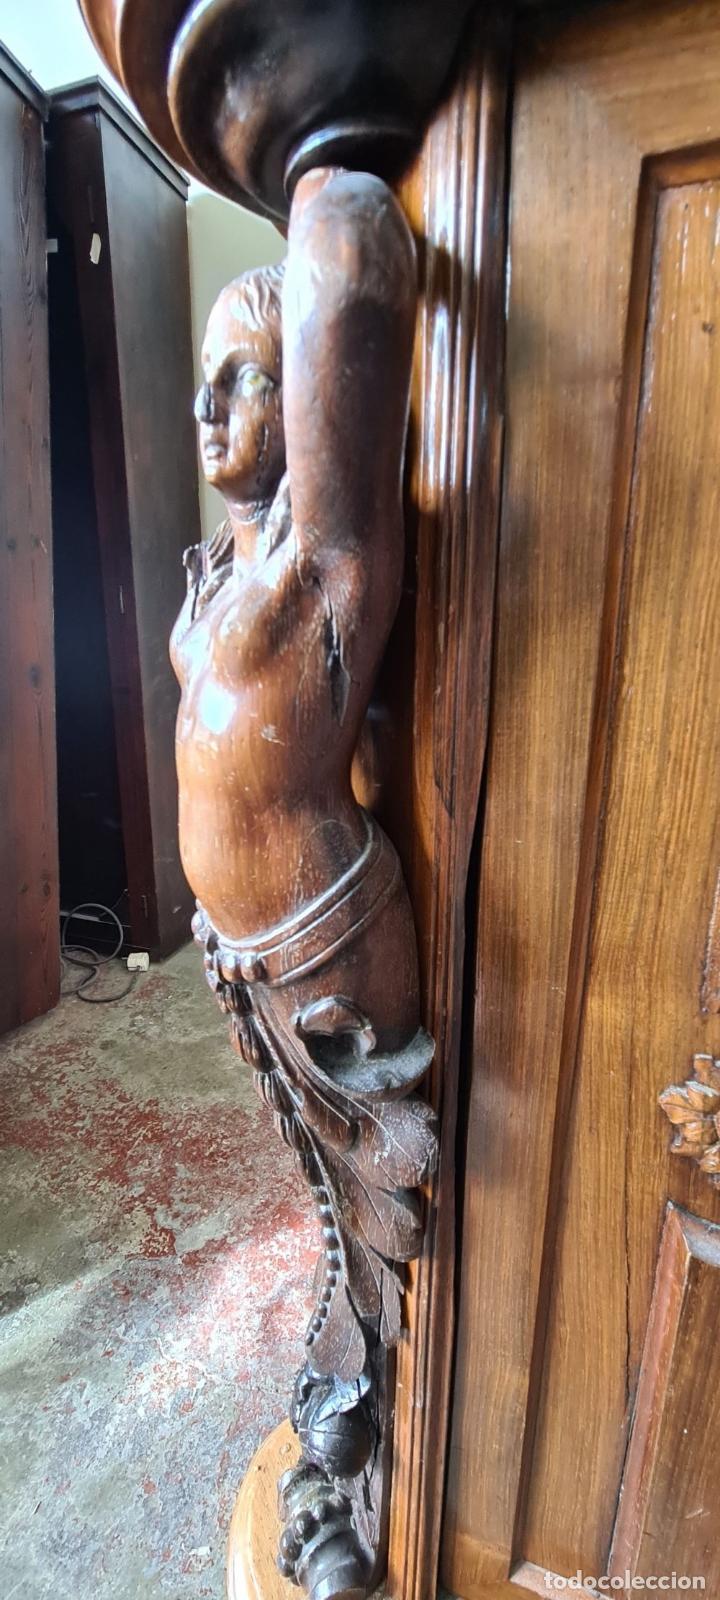 Antigüedades: COMODA EN MADERA DE PALISANDRO. SOBRE DE MÁRMOL. ESTILO ISABELINO. SIGLO XIX. - Foto 42 - 238756765